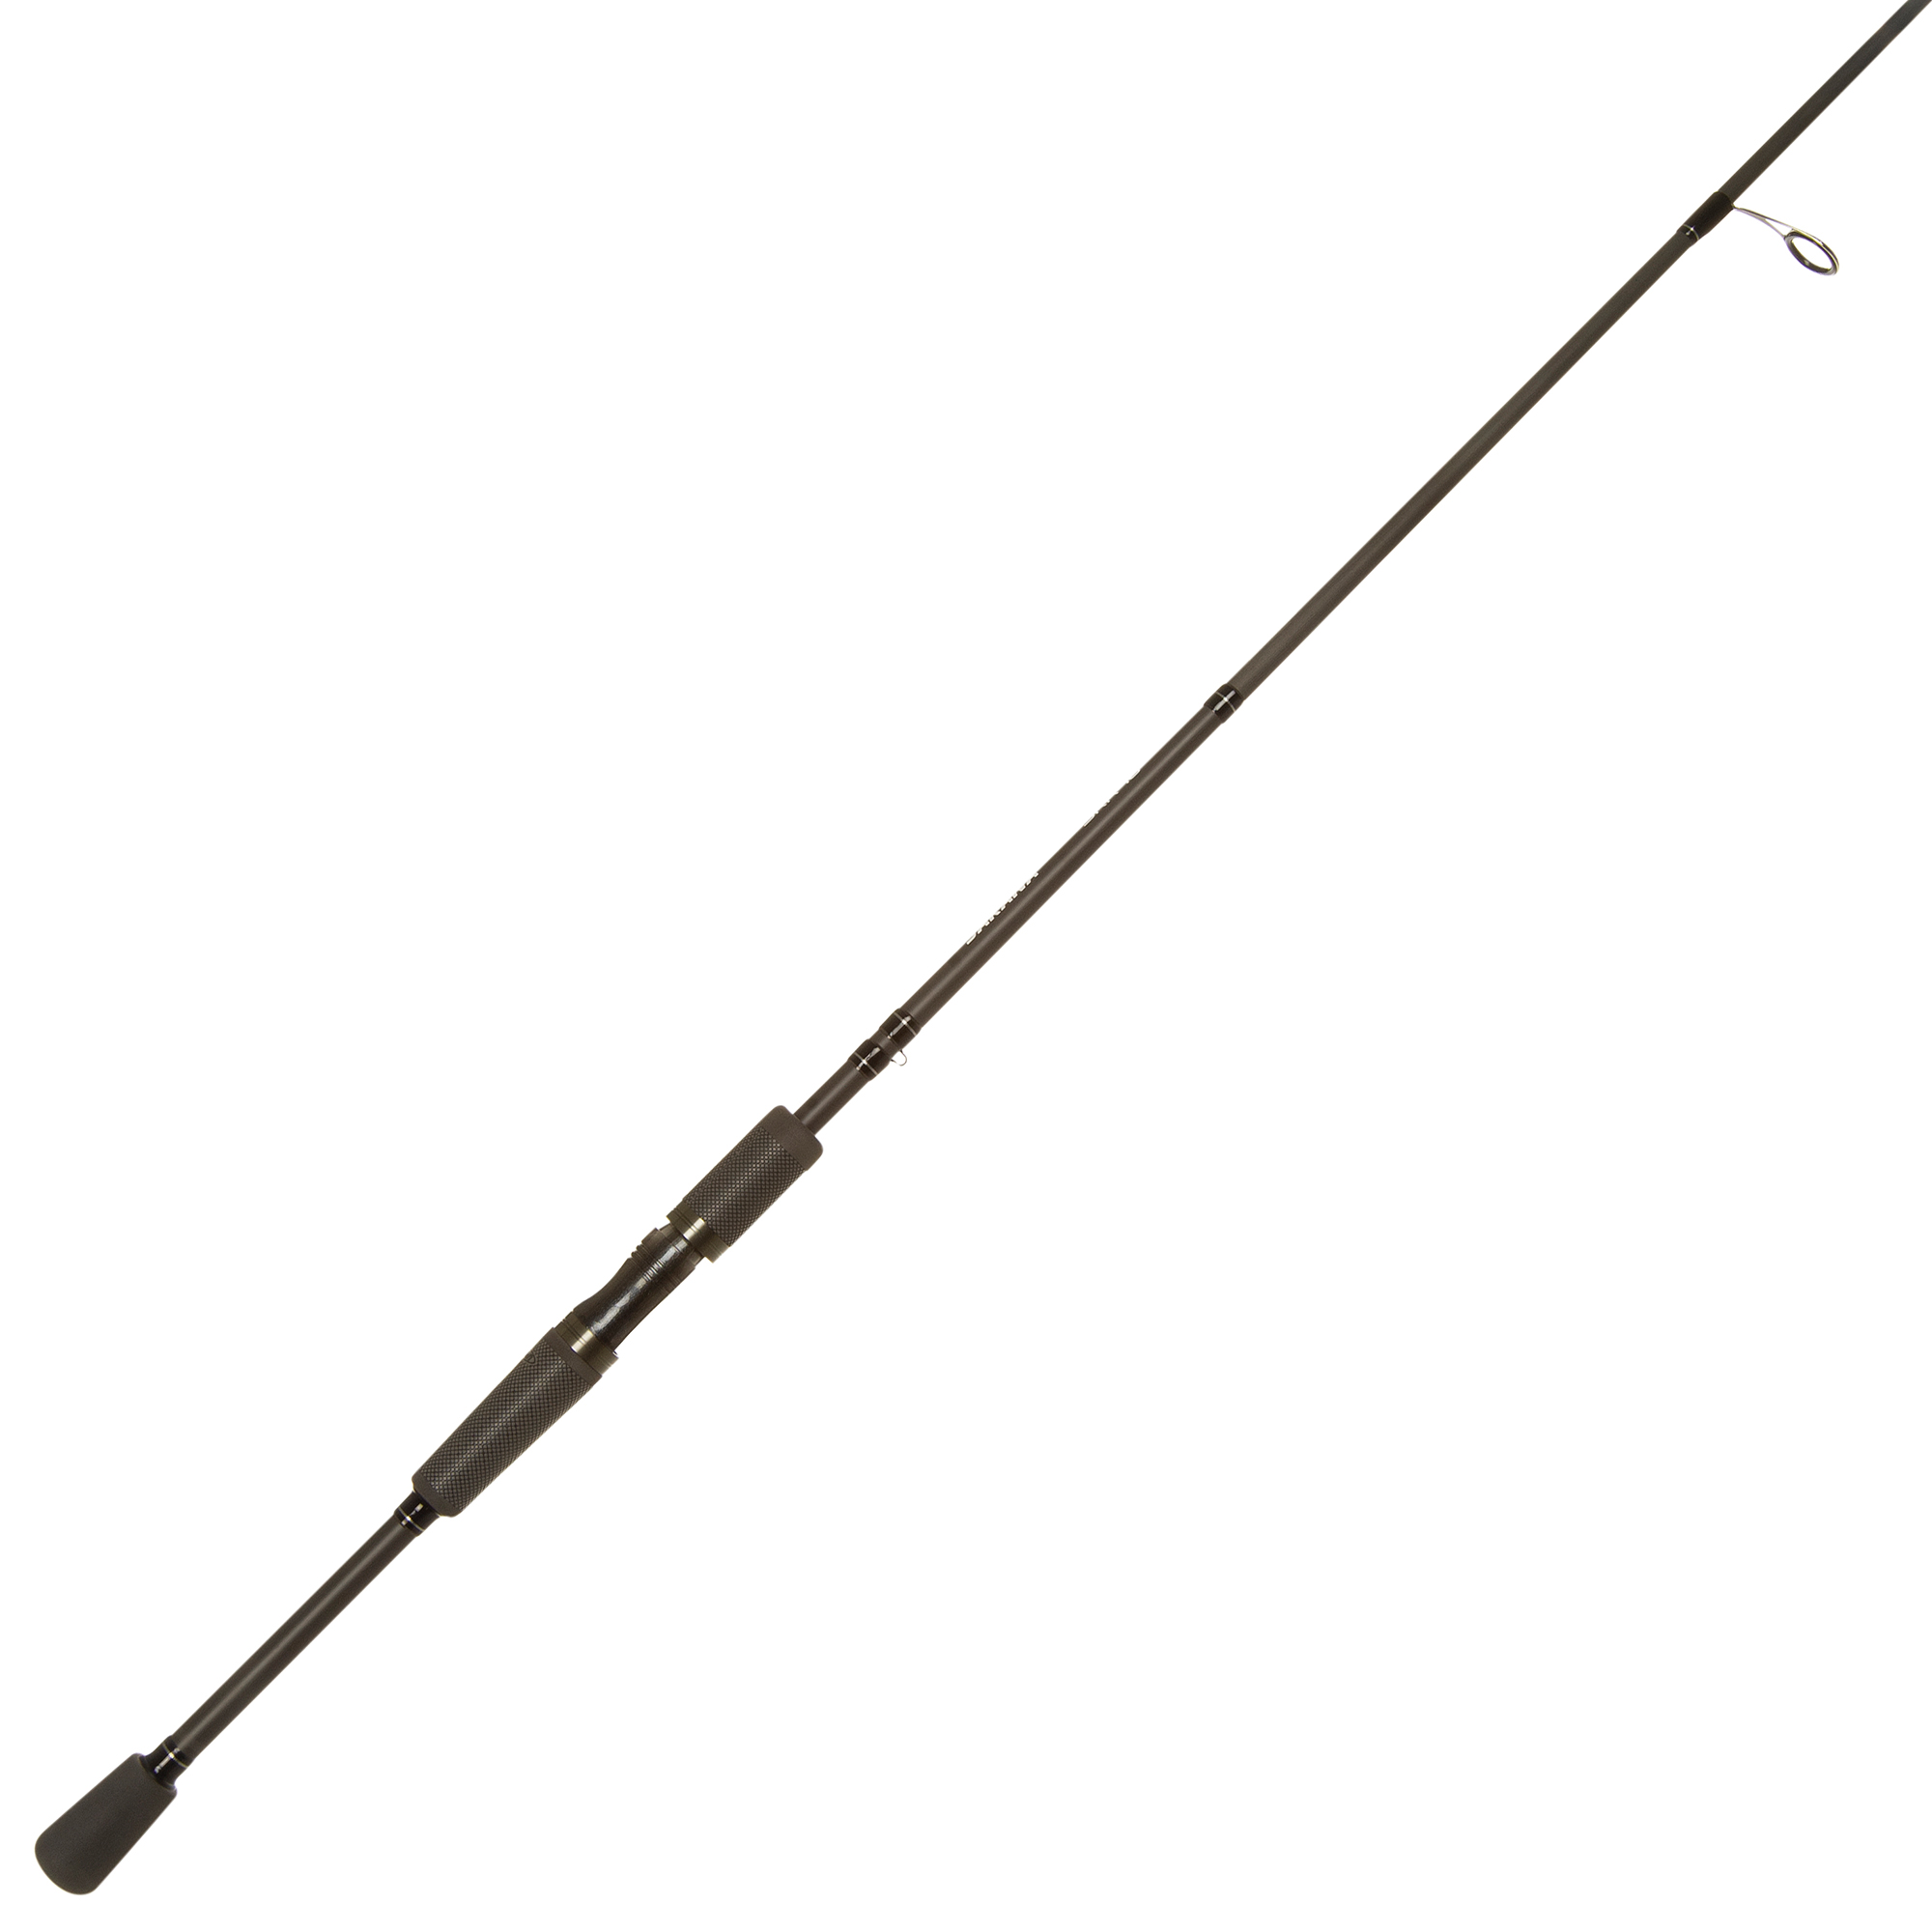 Sakana SKR-10 Spinning Rod